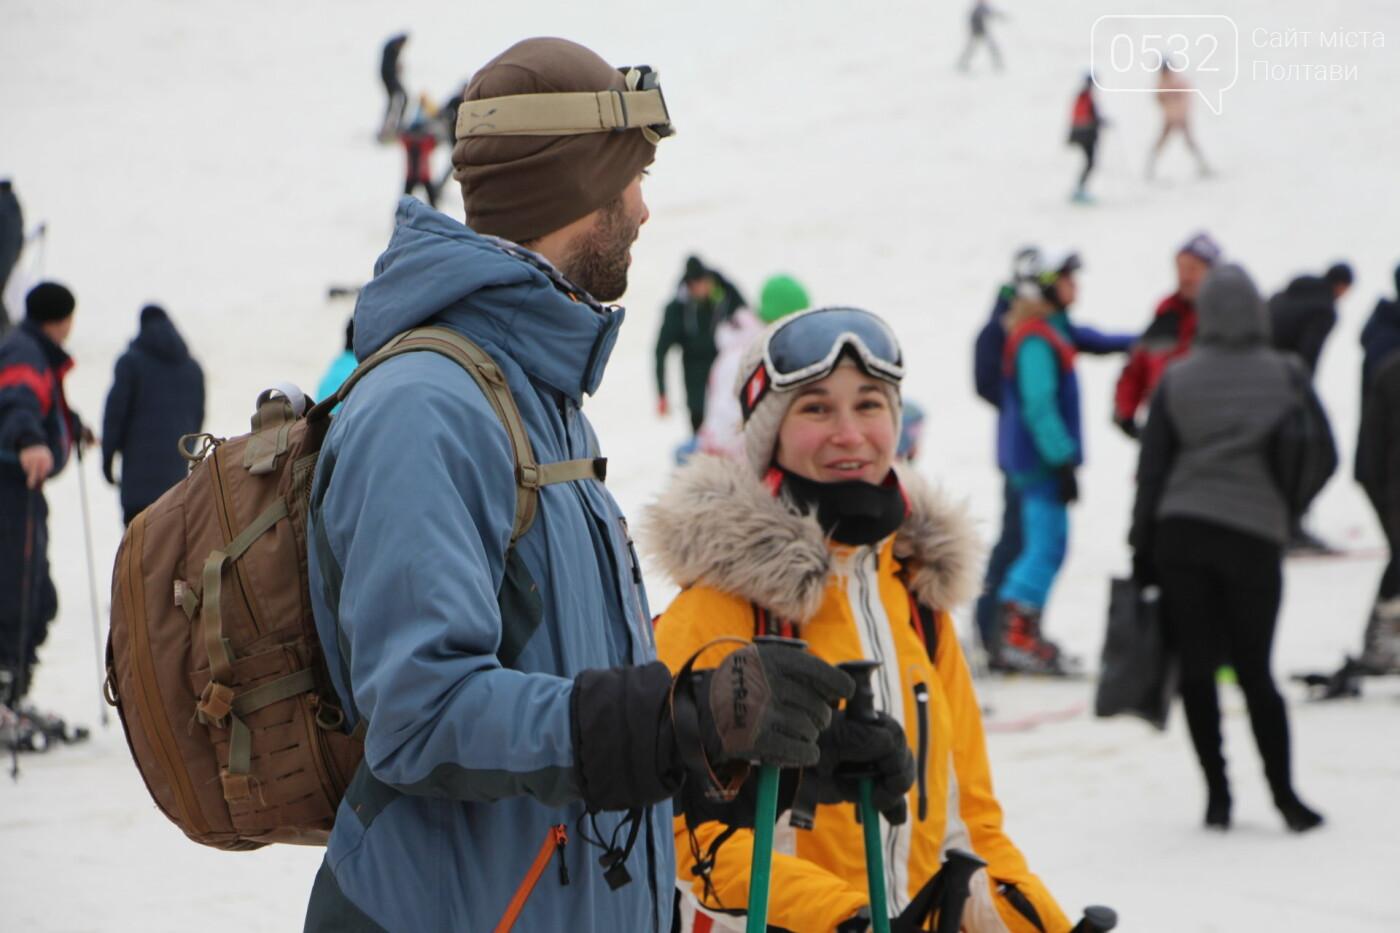 """Знайшли сніг під Полтавою: справжня зимова атмосфера у """"Сорочиному яру"""" (ФОТО), фото-1"""